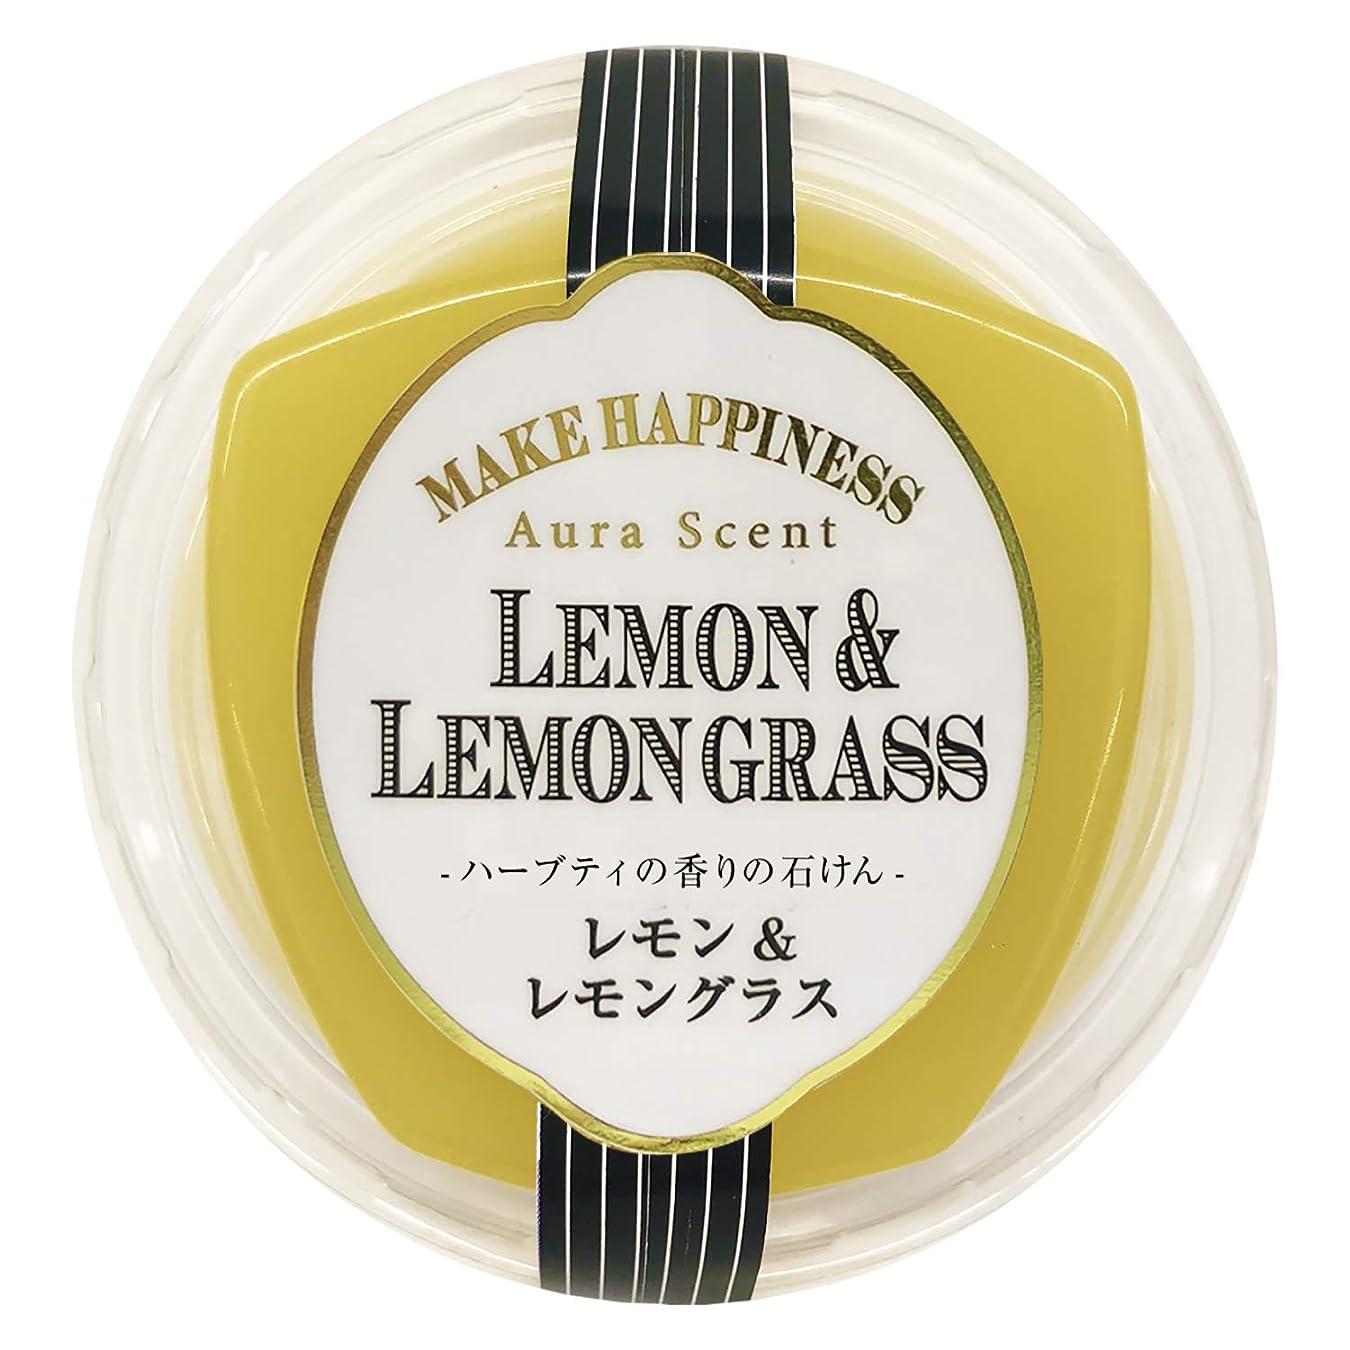 決して支出フィルタペリカン石鹸 オーラセント クリアソープレモン&レモングラス 75g